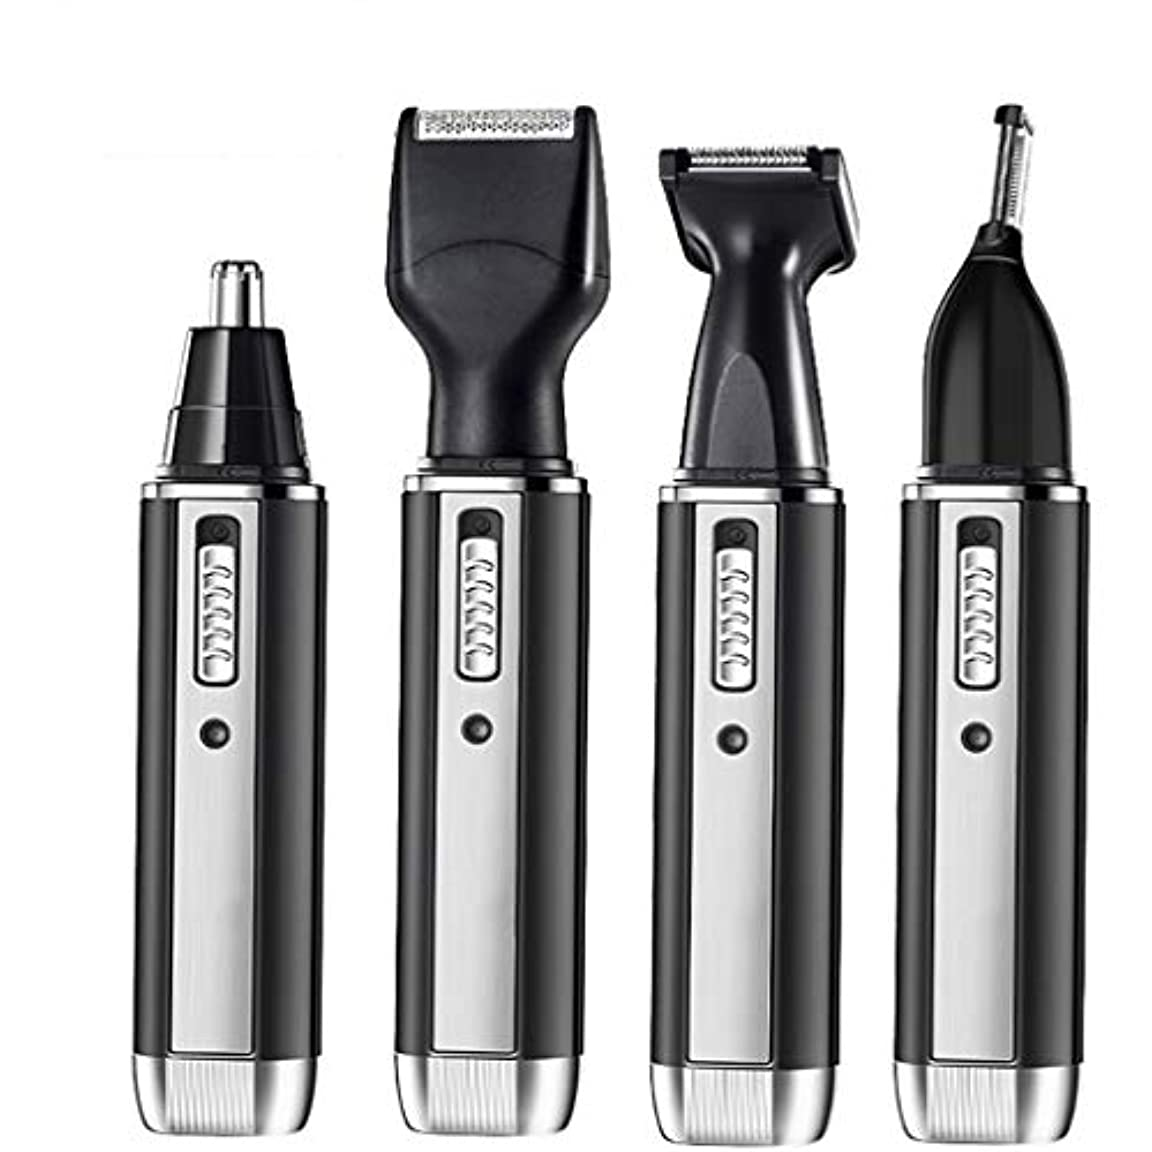 効能ある大きさ石灰岩男性用電動眉毛シェーピングナイフ、充電式除毛剤、鼻毛トリマー、あらゆる肌タイプに適しています